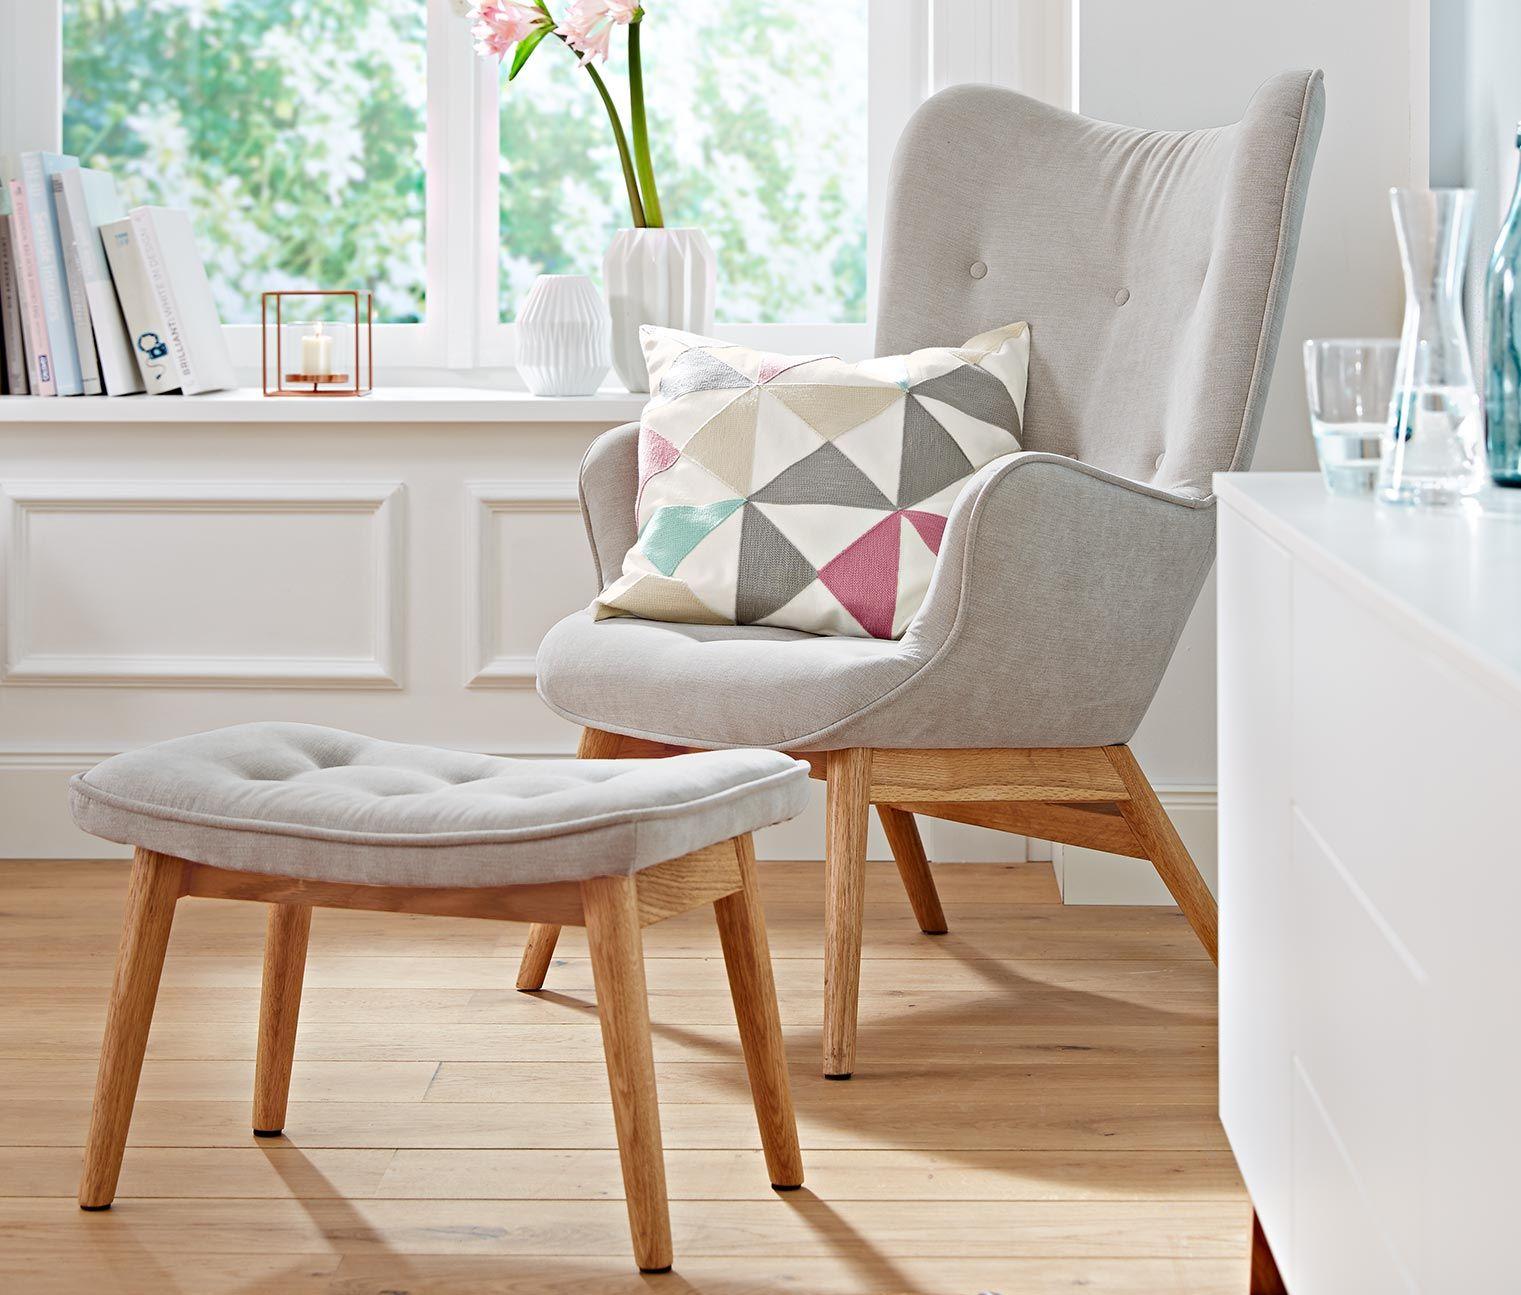 449,00 € Stilvoll & komfortabel  Dieser bequeme und gleichzeitig stilvolle Sessel hat ein Untergestell aus geölter Eiche und einen pflegeleichten Bezug. Zusammen mit dem passenden Fußhocker ist er perfekt zum Lesen und Entspannen.